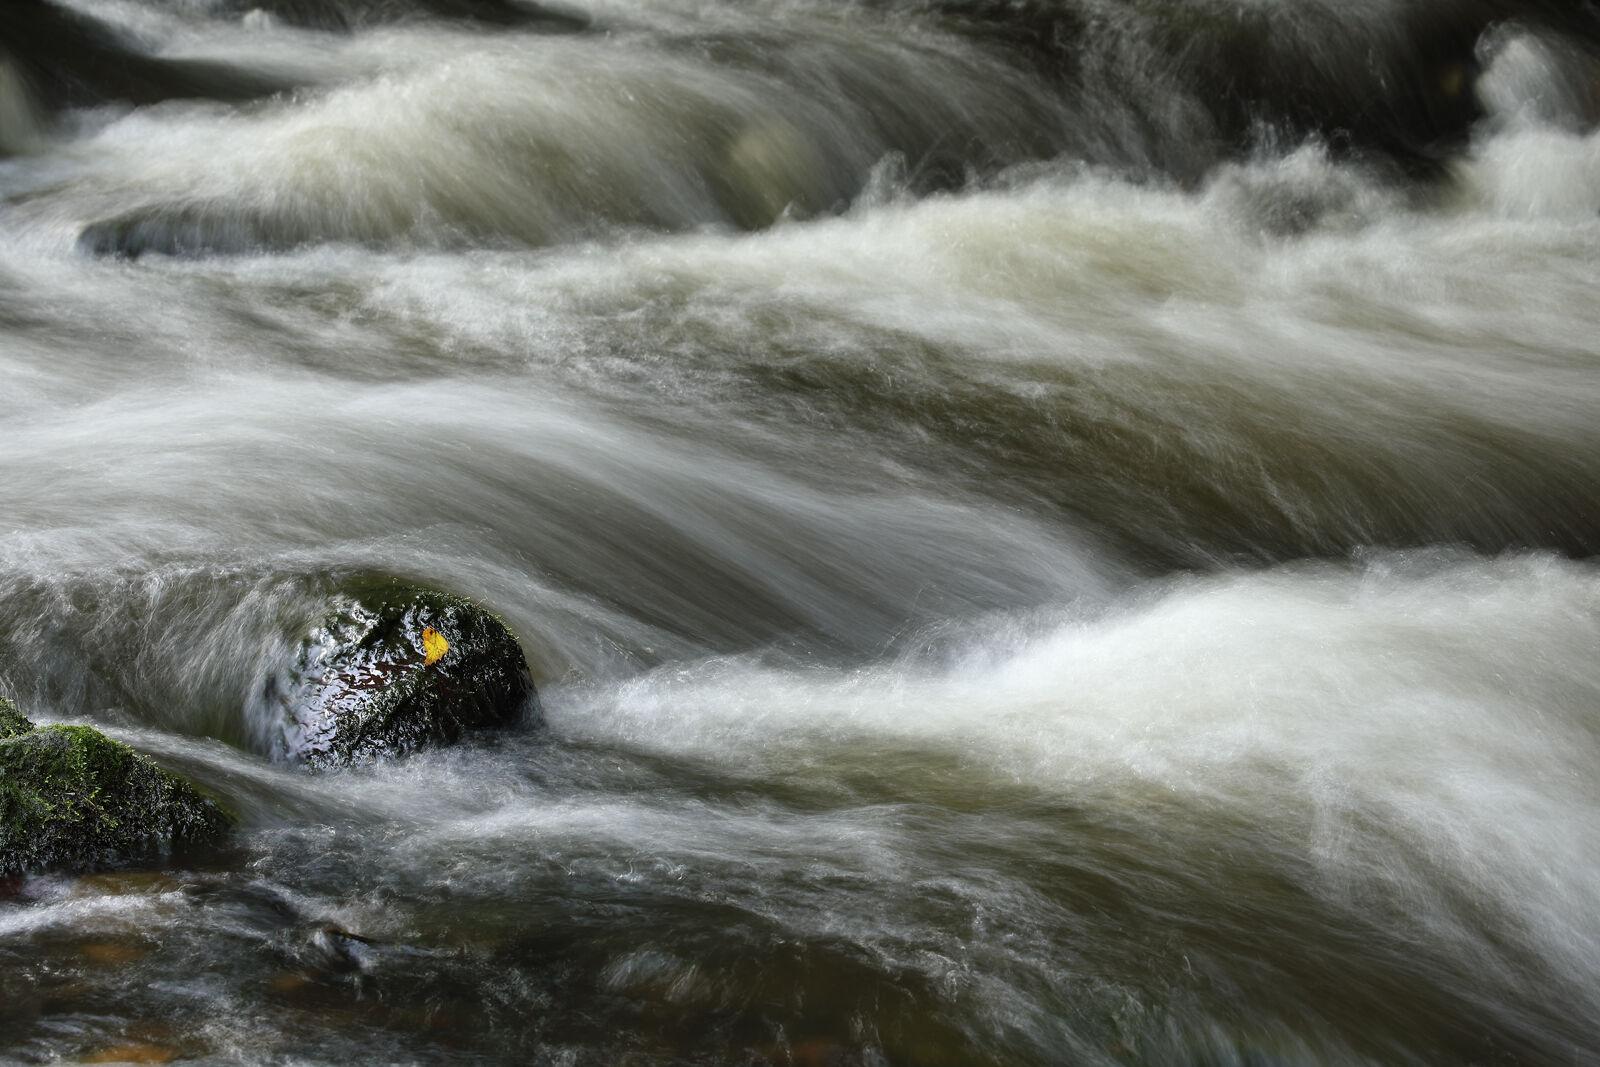 September 2021 - Water of leith, Edinburgh